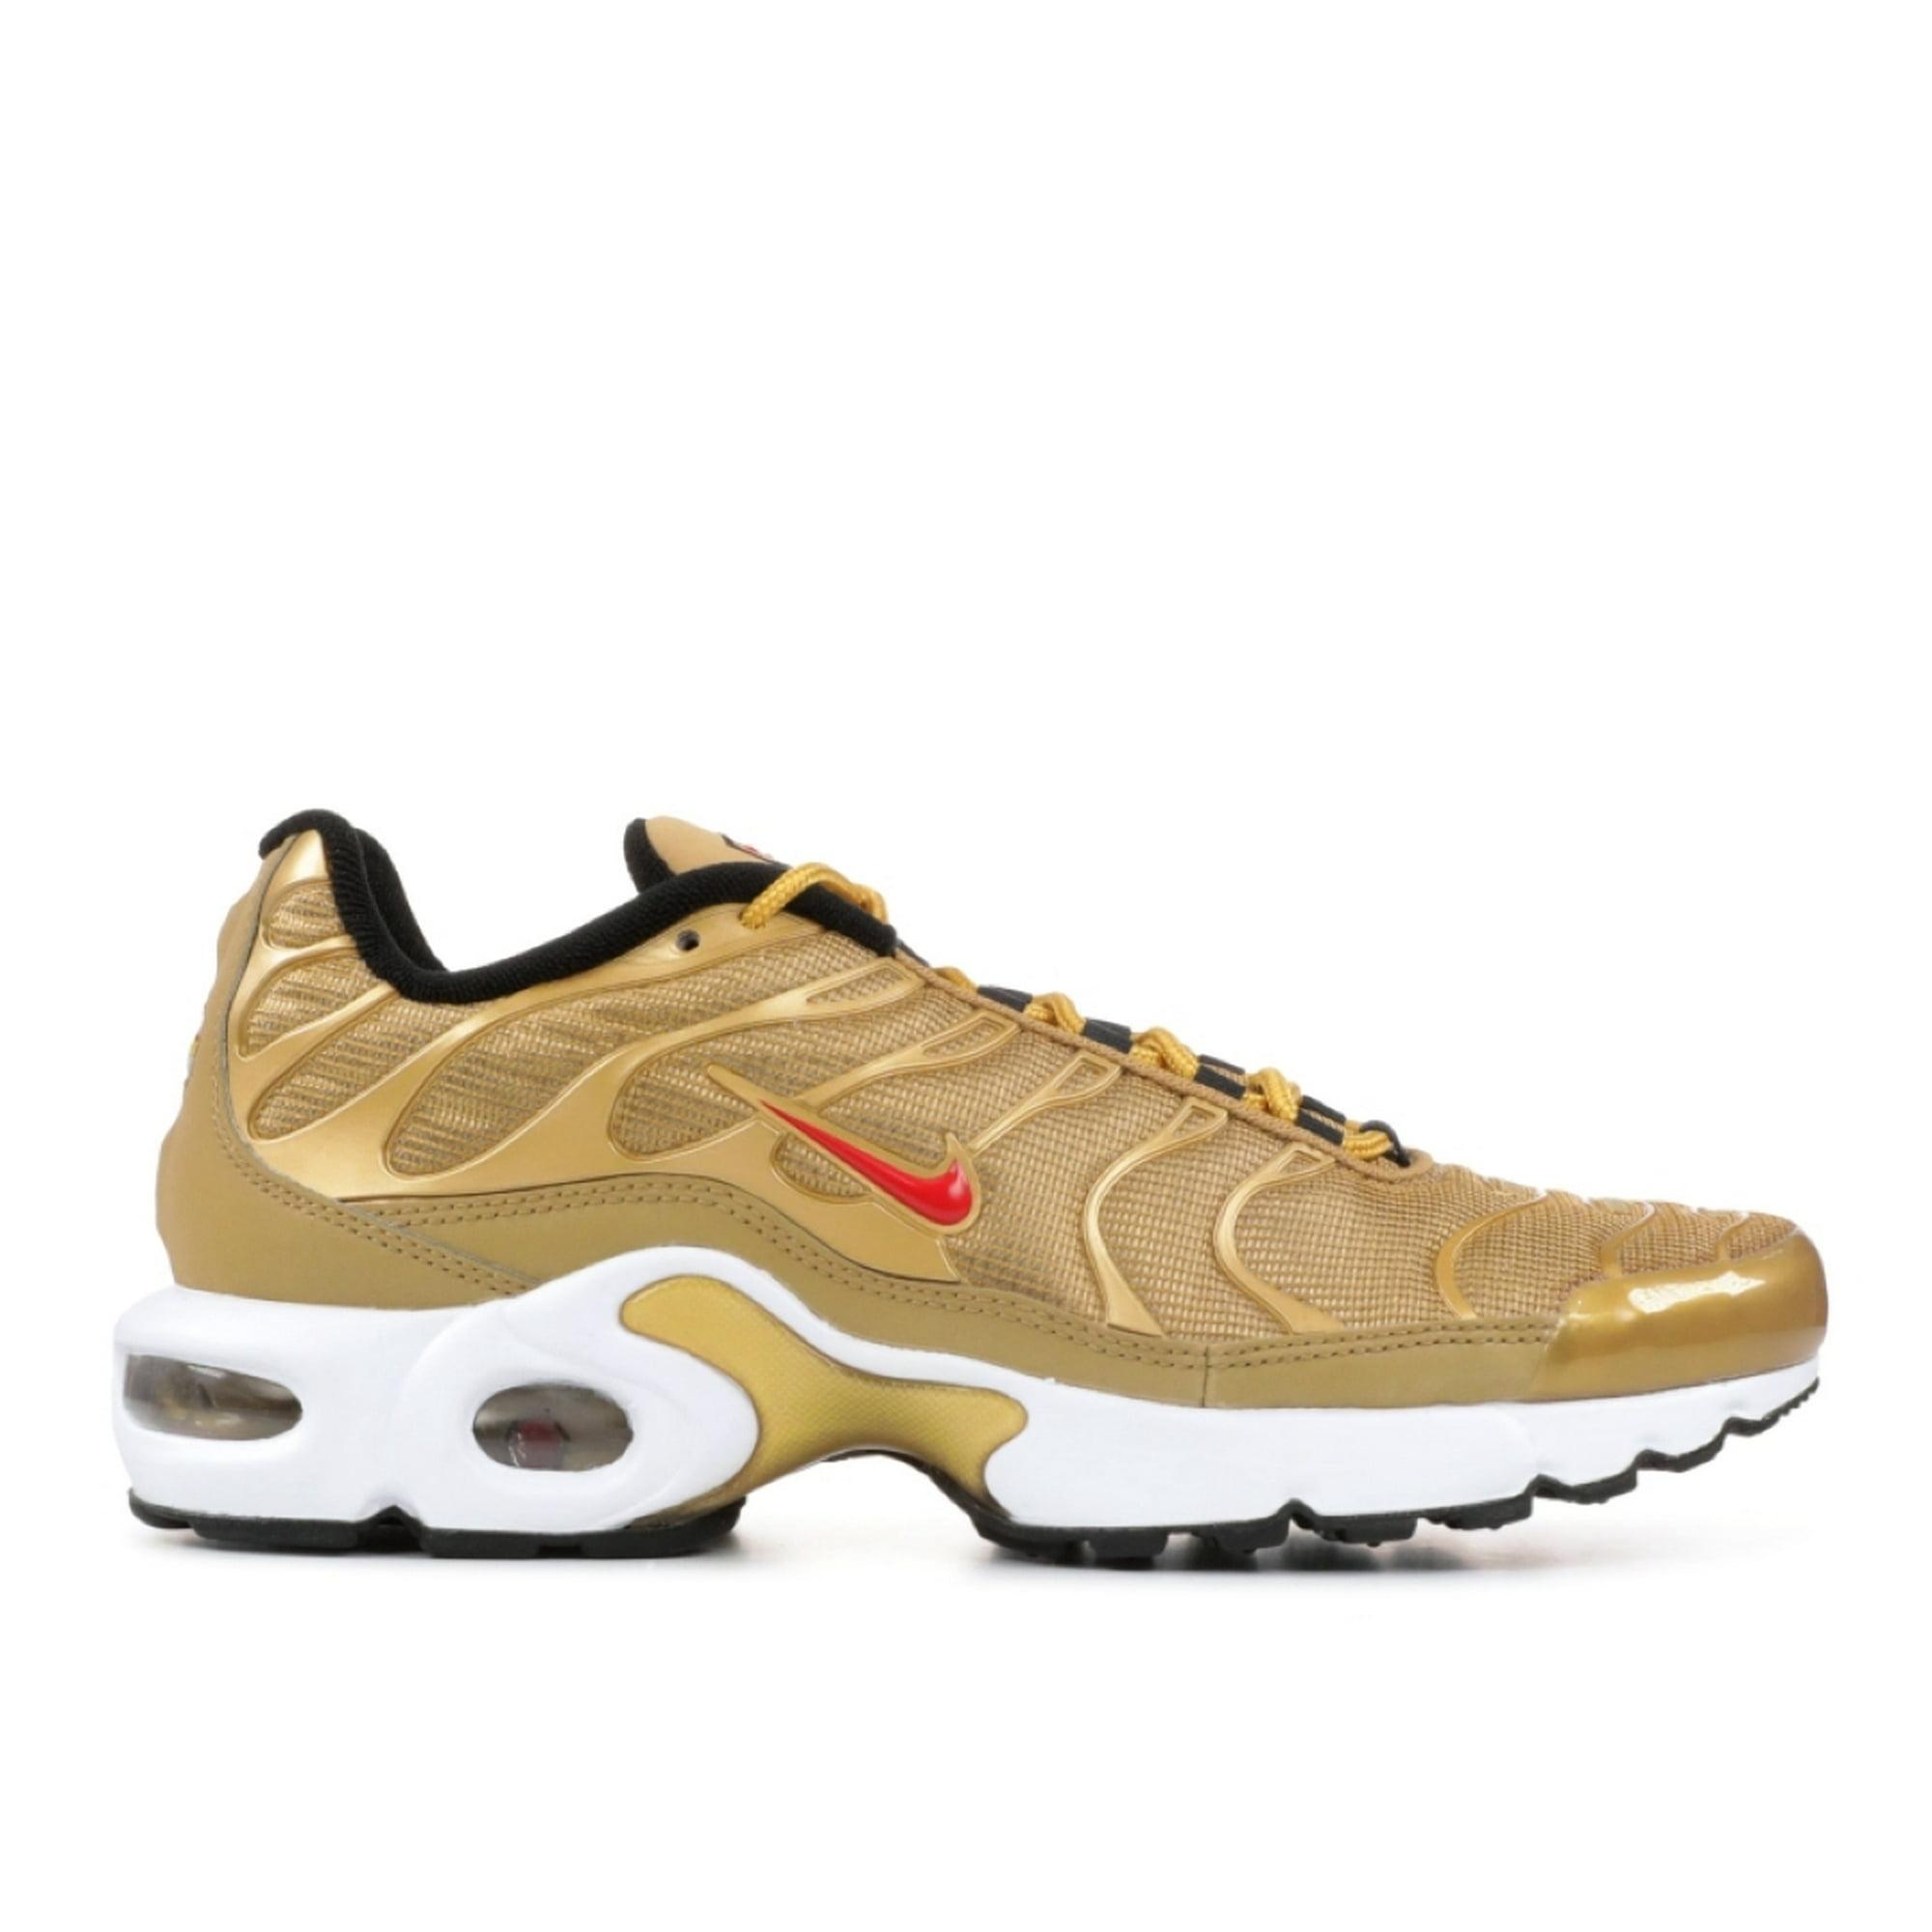 release date 76219 67aff Nike - Unisex - Air Max Plus Tn Se Bg - Ar0259-700 - Size 5Y